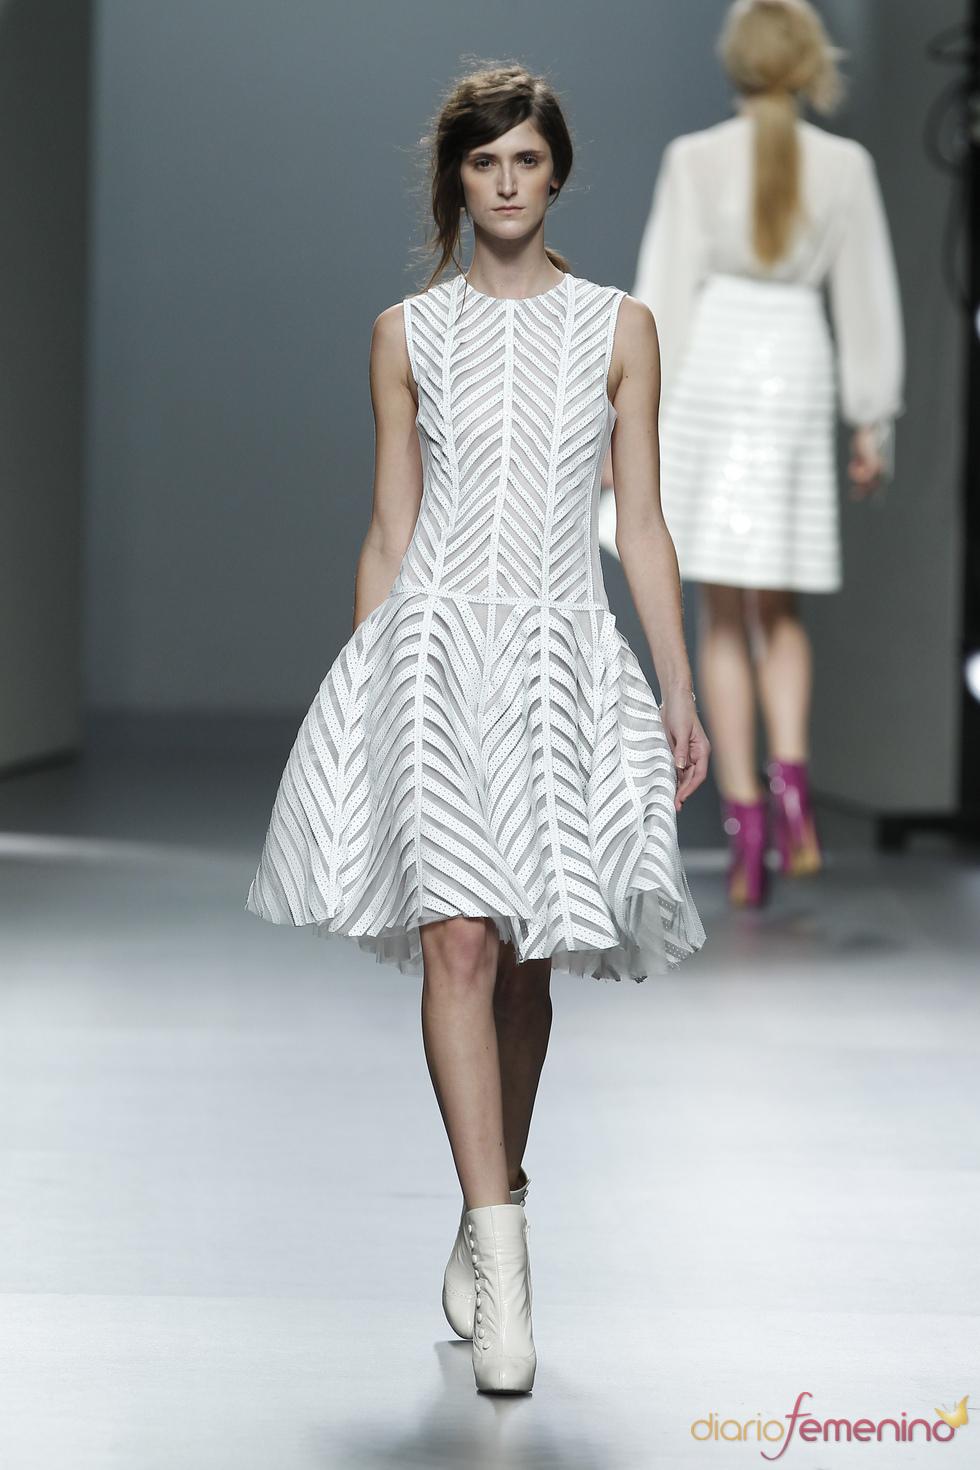 Vestido con vuelo.Teresa Helbig O/I 2011-12. Cibeles Madrid Fashion Week